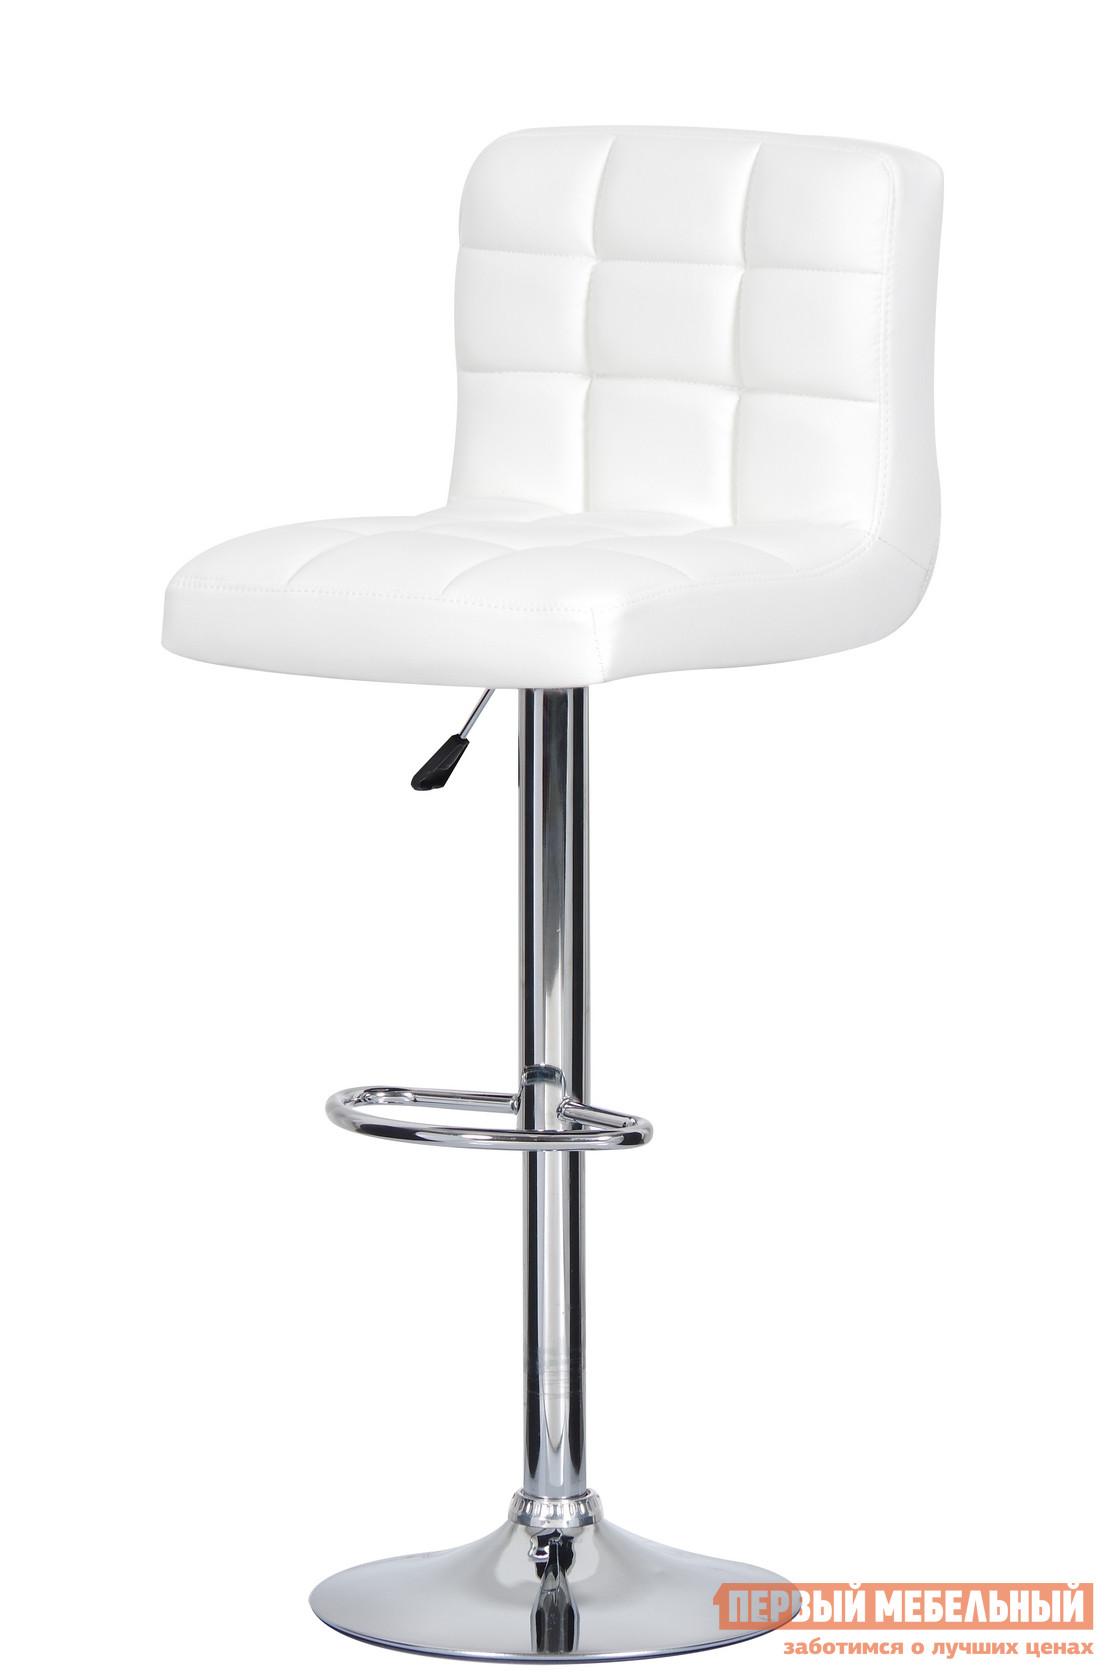 Барный стул Паоли Kruger Original T-808H White кожзамБарные стулья<br>Габаритные размеры ВхШхГ 920 / 1120x440x460 мм. Эстетика, функциональность и простота — основные характеристики этой модели барного стула.  В производстве изделия использованы новейшие разработки и материалы. Мягкое сиденье и поворотно-подъемный механизм, которым снабжена модель, делает его максимально комфортным в обстановке домашнего бара. Ширина сиденья — 44 см. Глубина сиденья с учетом спинки — 46 см. Высота спинки — 30 см. Высота сиденья от пола — 63-83 смДиаметр опорного диска — 38 см. Материалы: хромированная сталь,  дерево, газ-лифт, обивка из высококачественной искусственной кожи PVC. Минимальный срок службы: 10 лет. Нагрузка на газ-лифт: до 100 кг.<br><br>Цвет: Белый<br>Высота мм: 920 / 1120<br>Ширина мм: 440<br>Глубина мм: 460<br>Кол-во упаковок: 1<br>Форма поставки: В разобранном виде<br>Срок гарантии: 12 месяцев<br>Тип: Для кухни<br>Тип: Регулируемые по высоте<br>Материал: Металл<br>Материал: Искусственная кожа<br>Форма: Квадратные<br>С мягким сиденьем: Да<br>С одной ножкой: Да<br>Со спинкой: Да